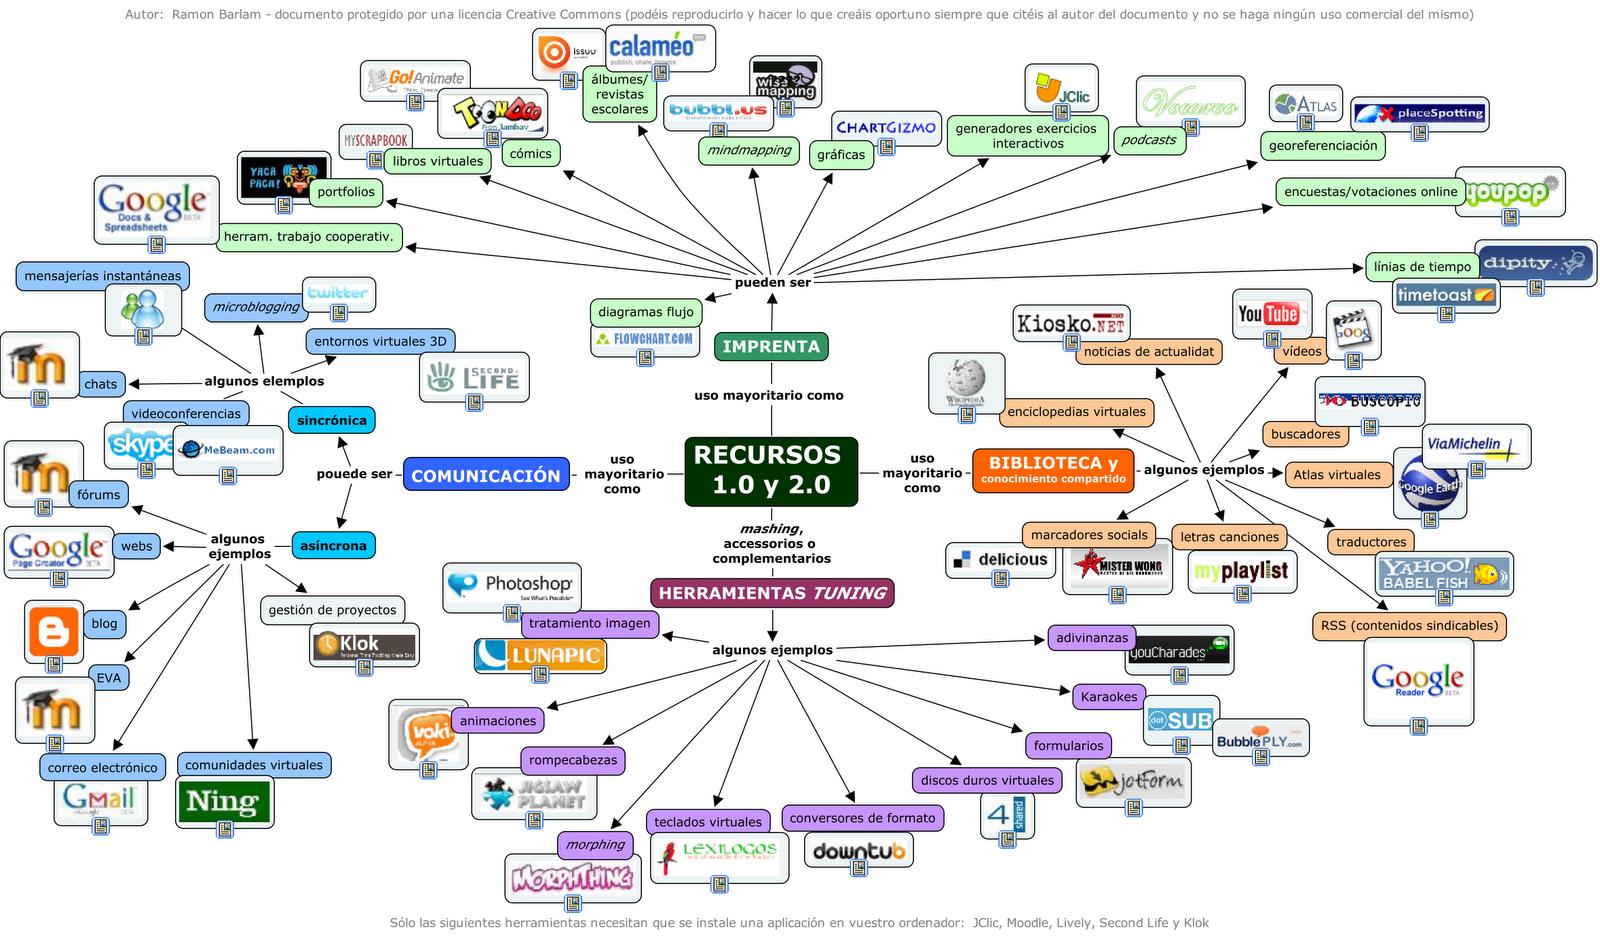 Tecnología Applicada: Más de 1000 herramientas web que.